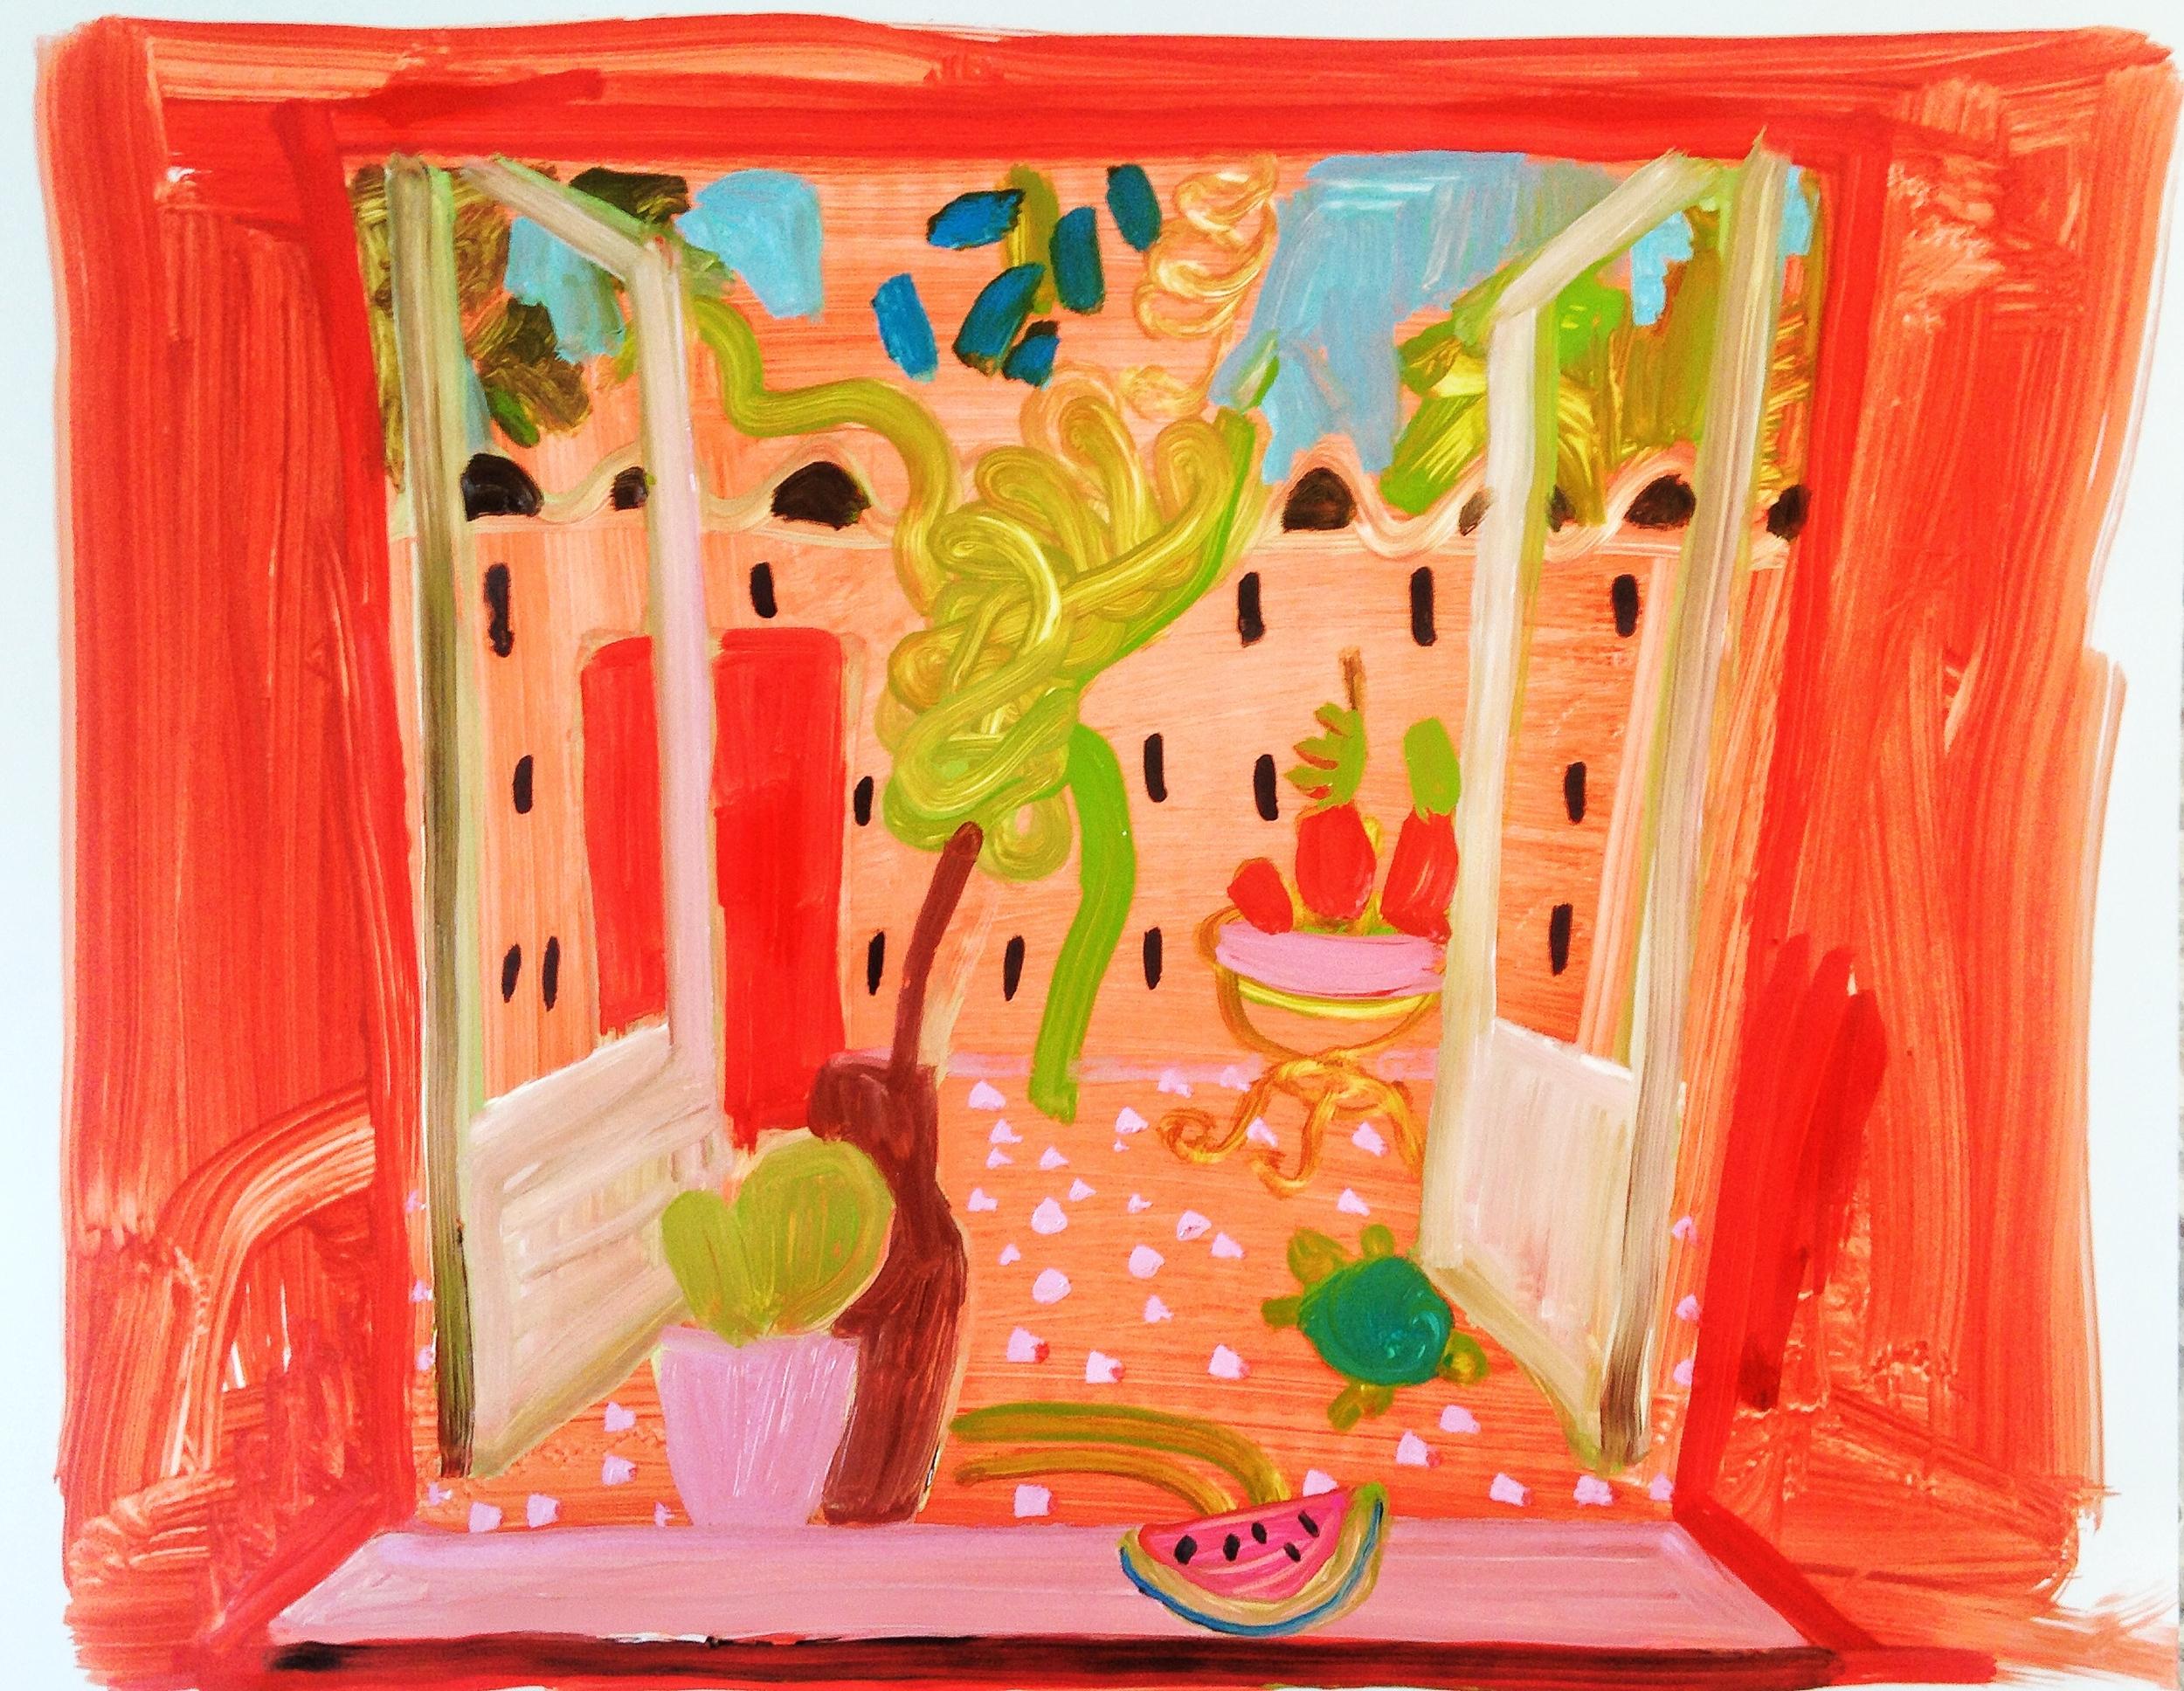 Watermelon Window, 2015, oil on paper, 11 x 14.